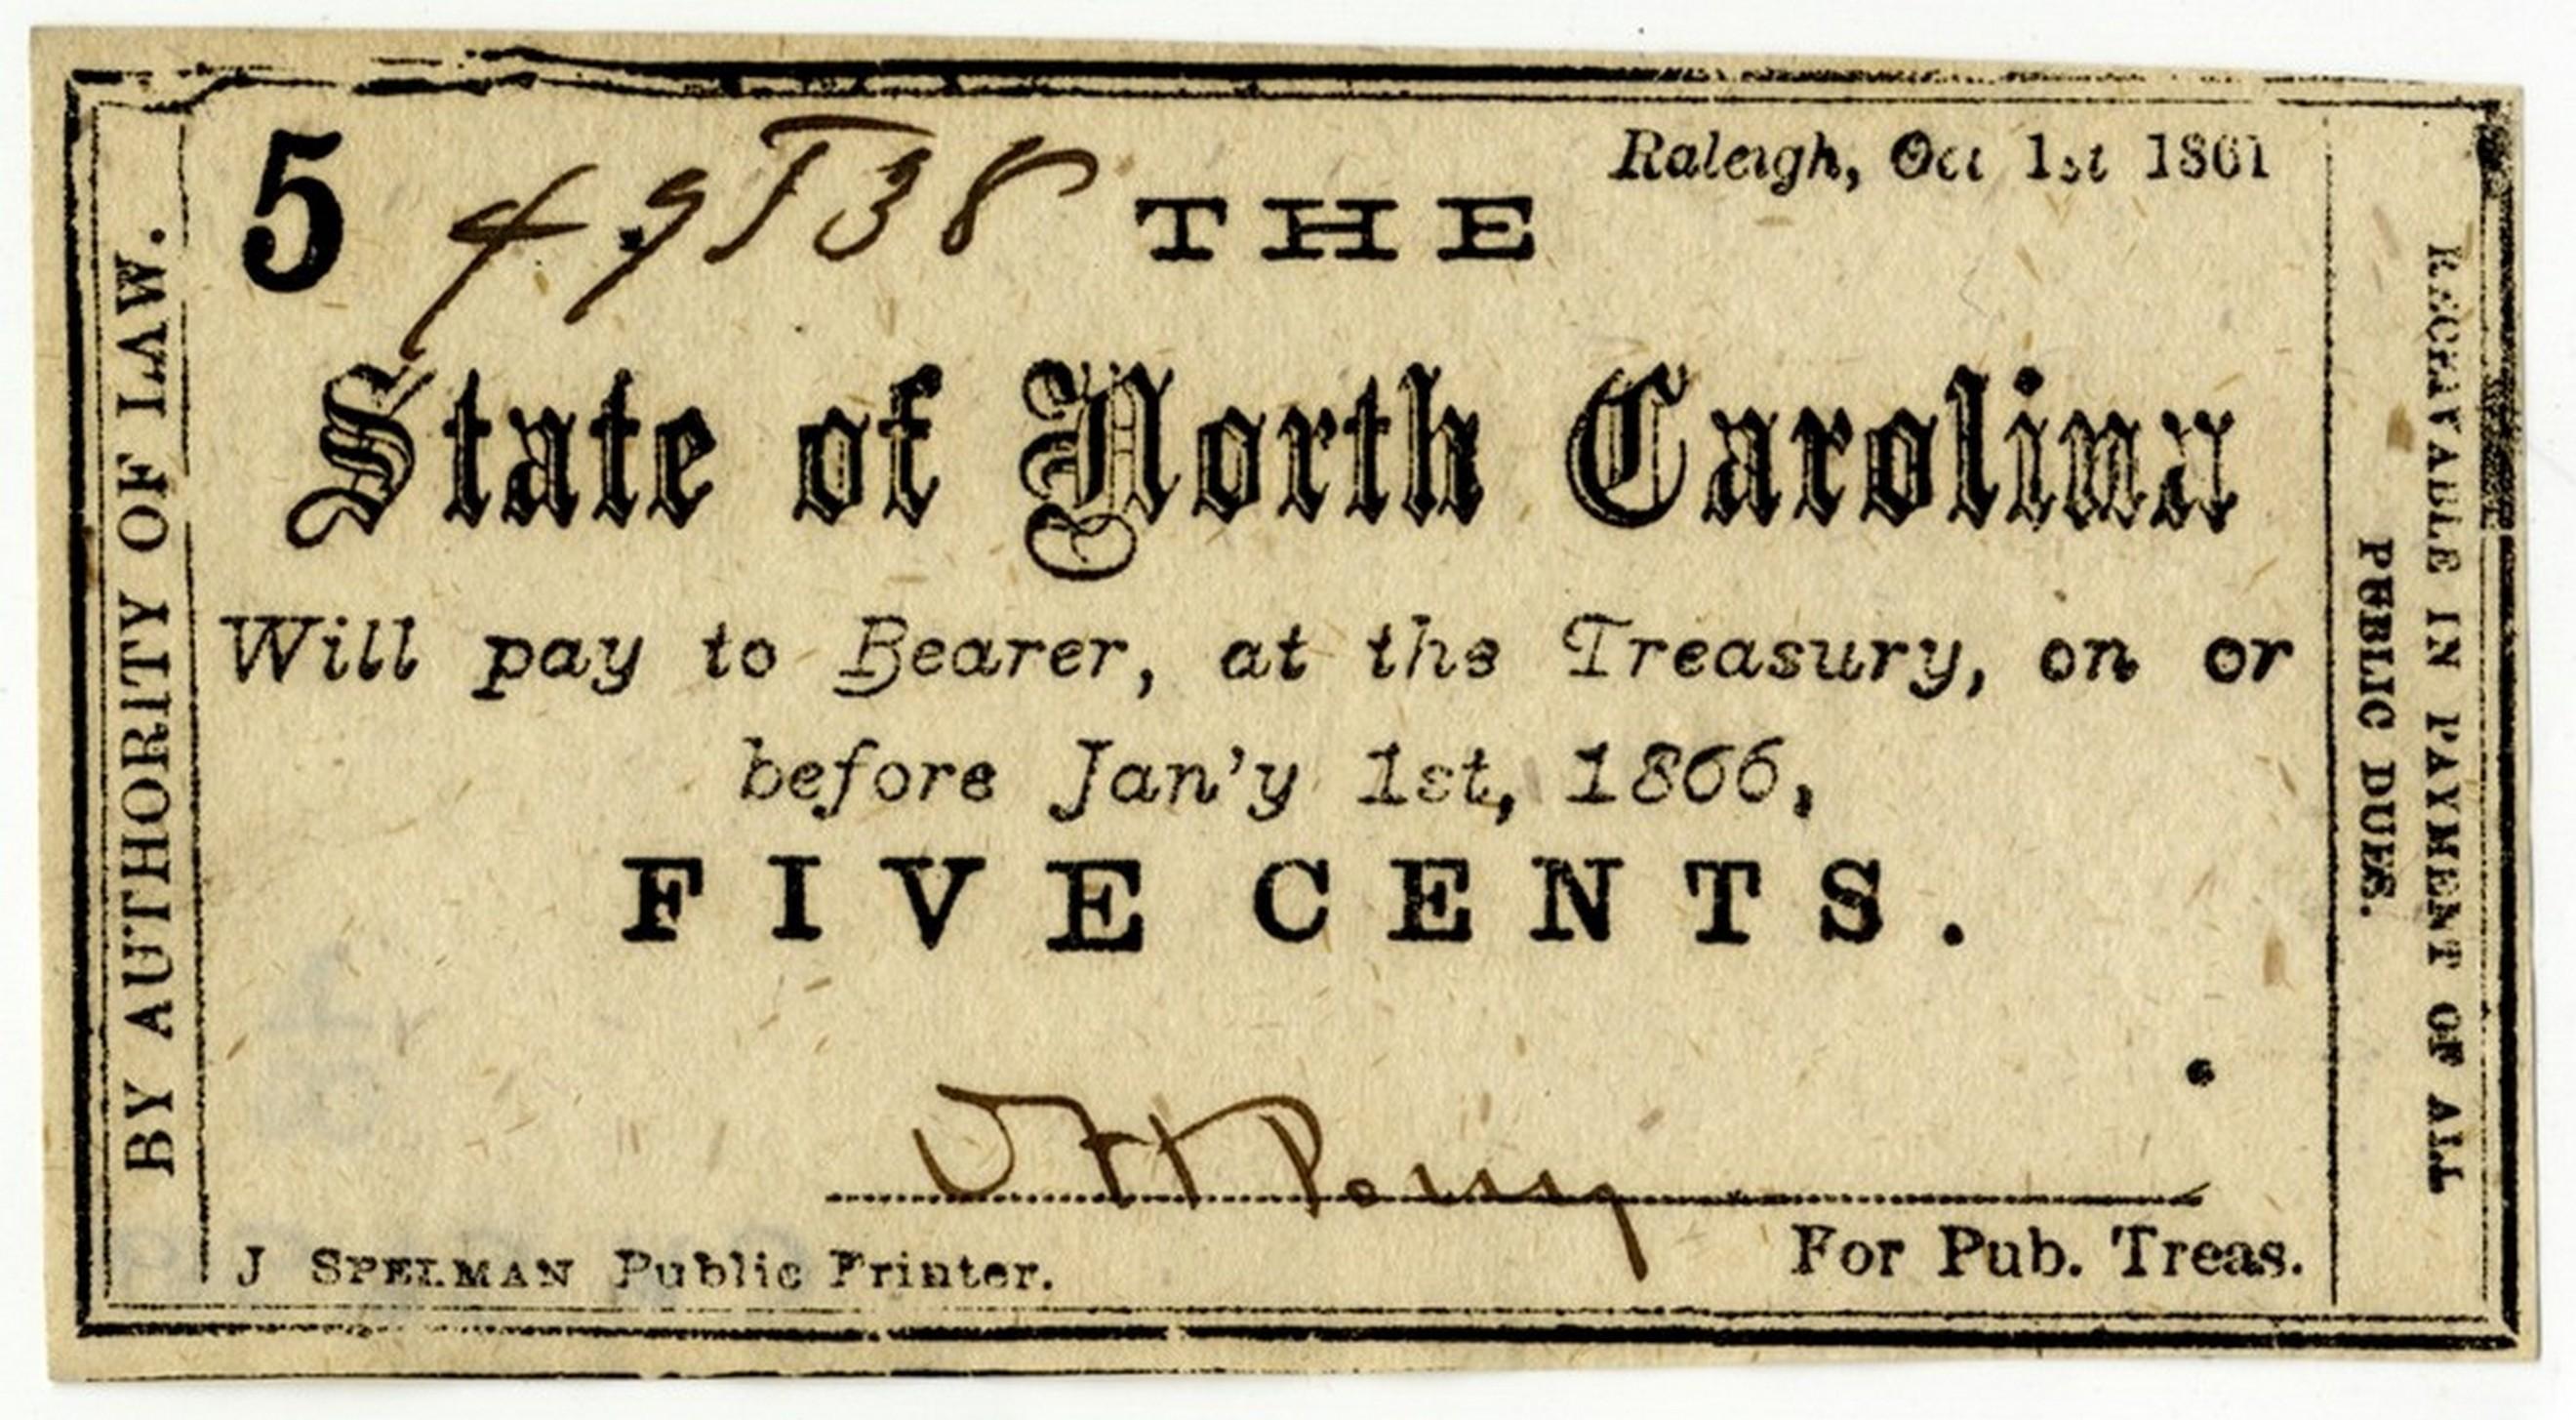 North Carolina 5 cent  treasury note, 1861